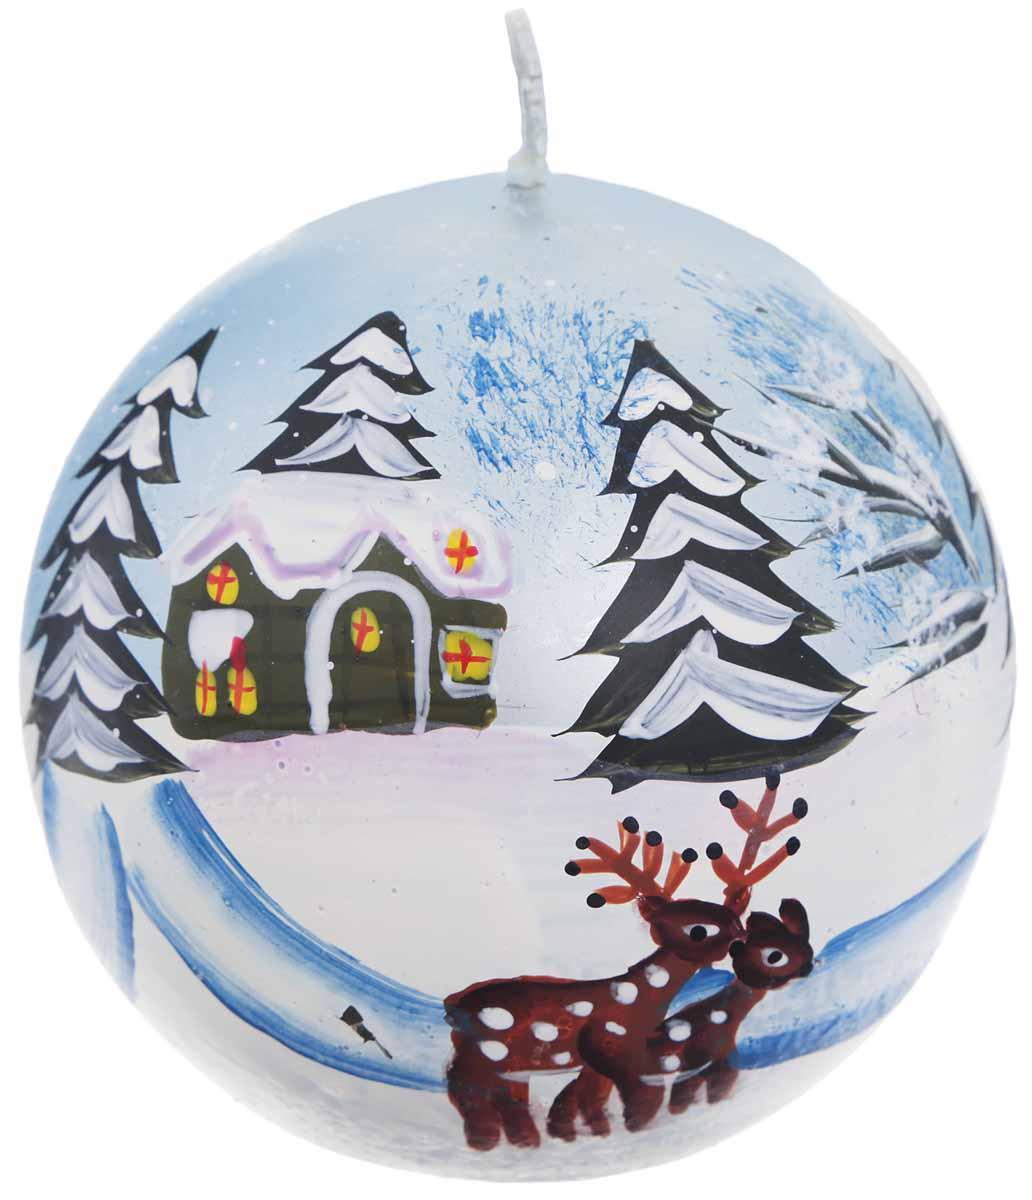 Свеча Winter Wings Зимний пейзаж, диаметр 7 смN161804Свеча Winter Wings Зимний пейзаж, изготовленная из парафина, станет прекрасным украшением интерьера помещения в преддверии Нового года.Такая свеча создаст атмосферу таинственности и загадочности и наполнит ваш дом волшебством и ощущением праздника. Хороший сувенир для друзей и близких.